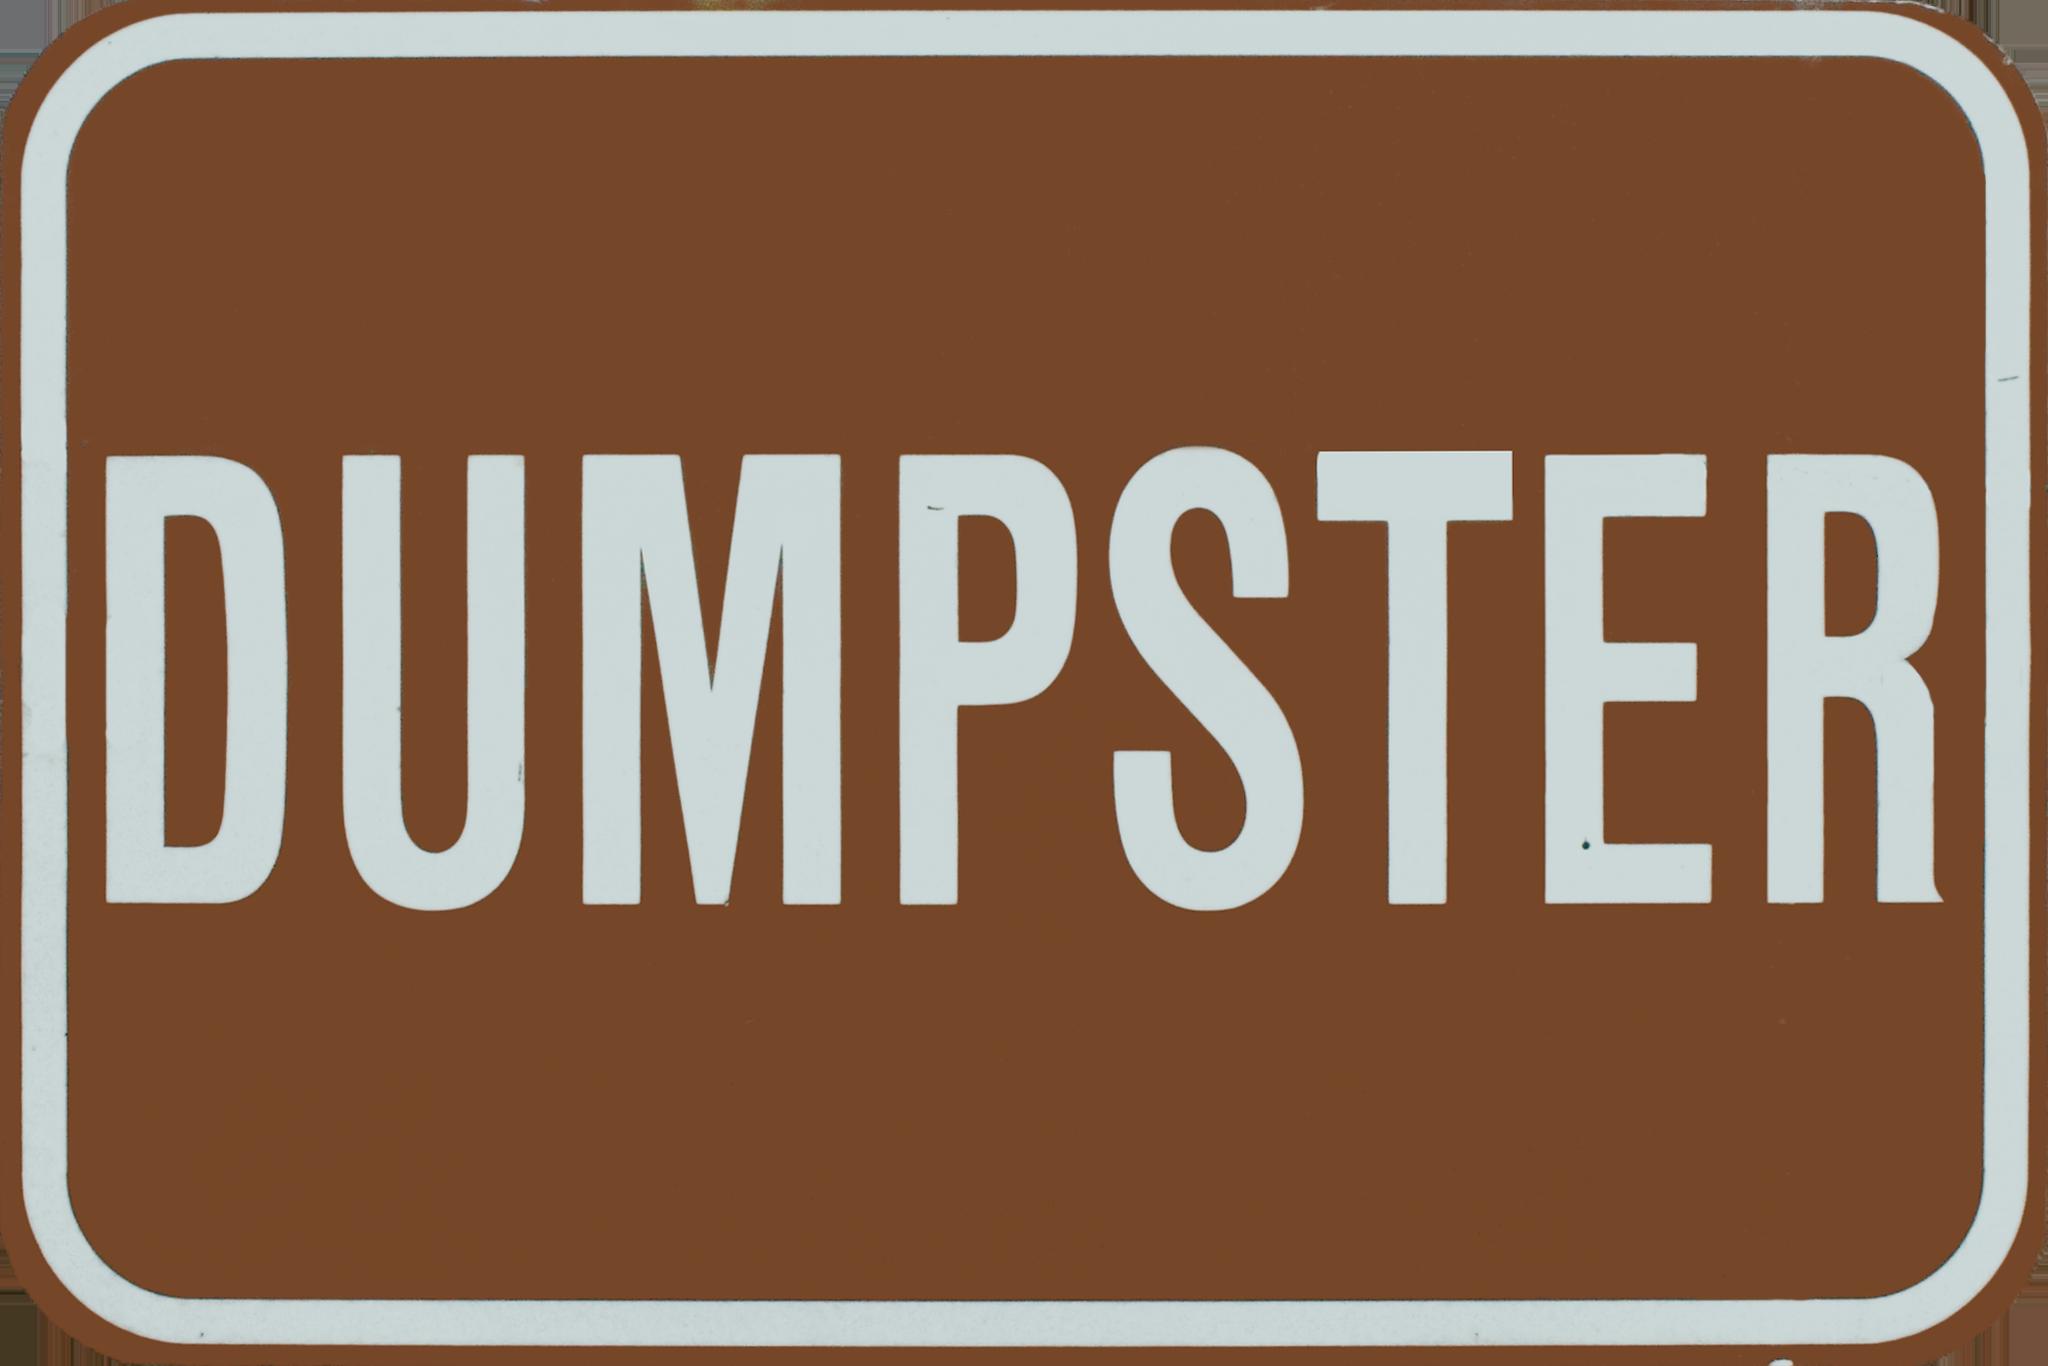 Dumpster.png